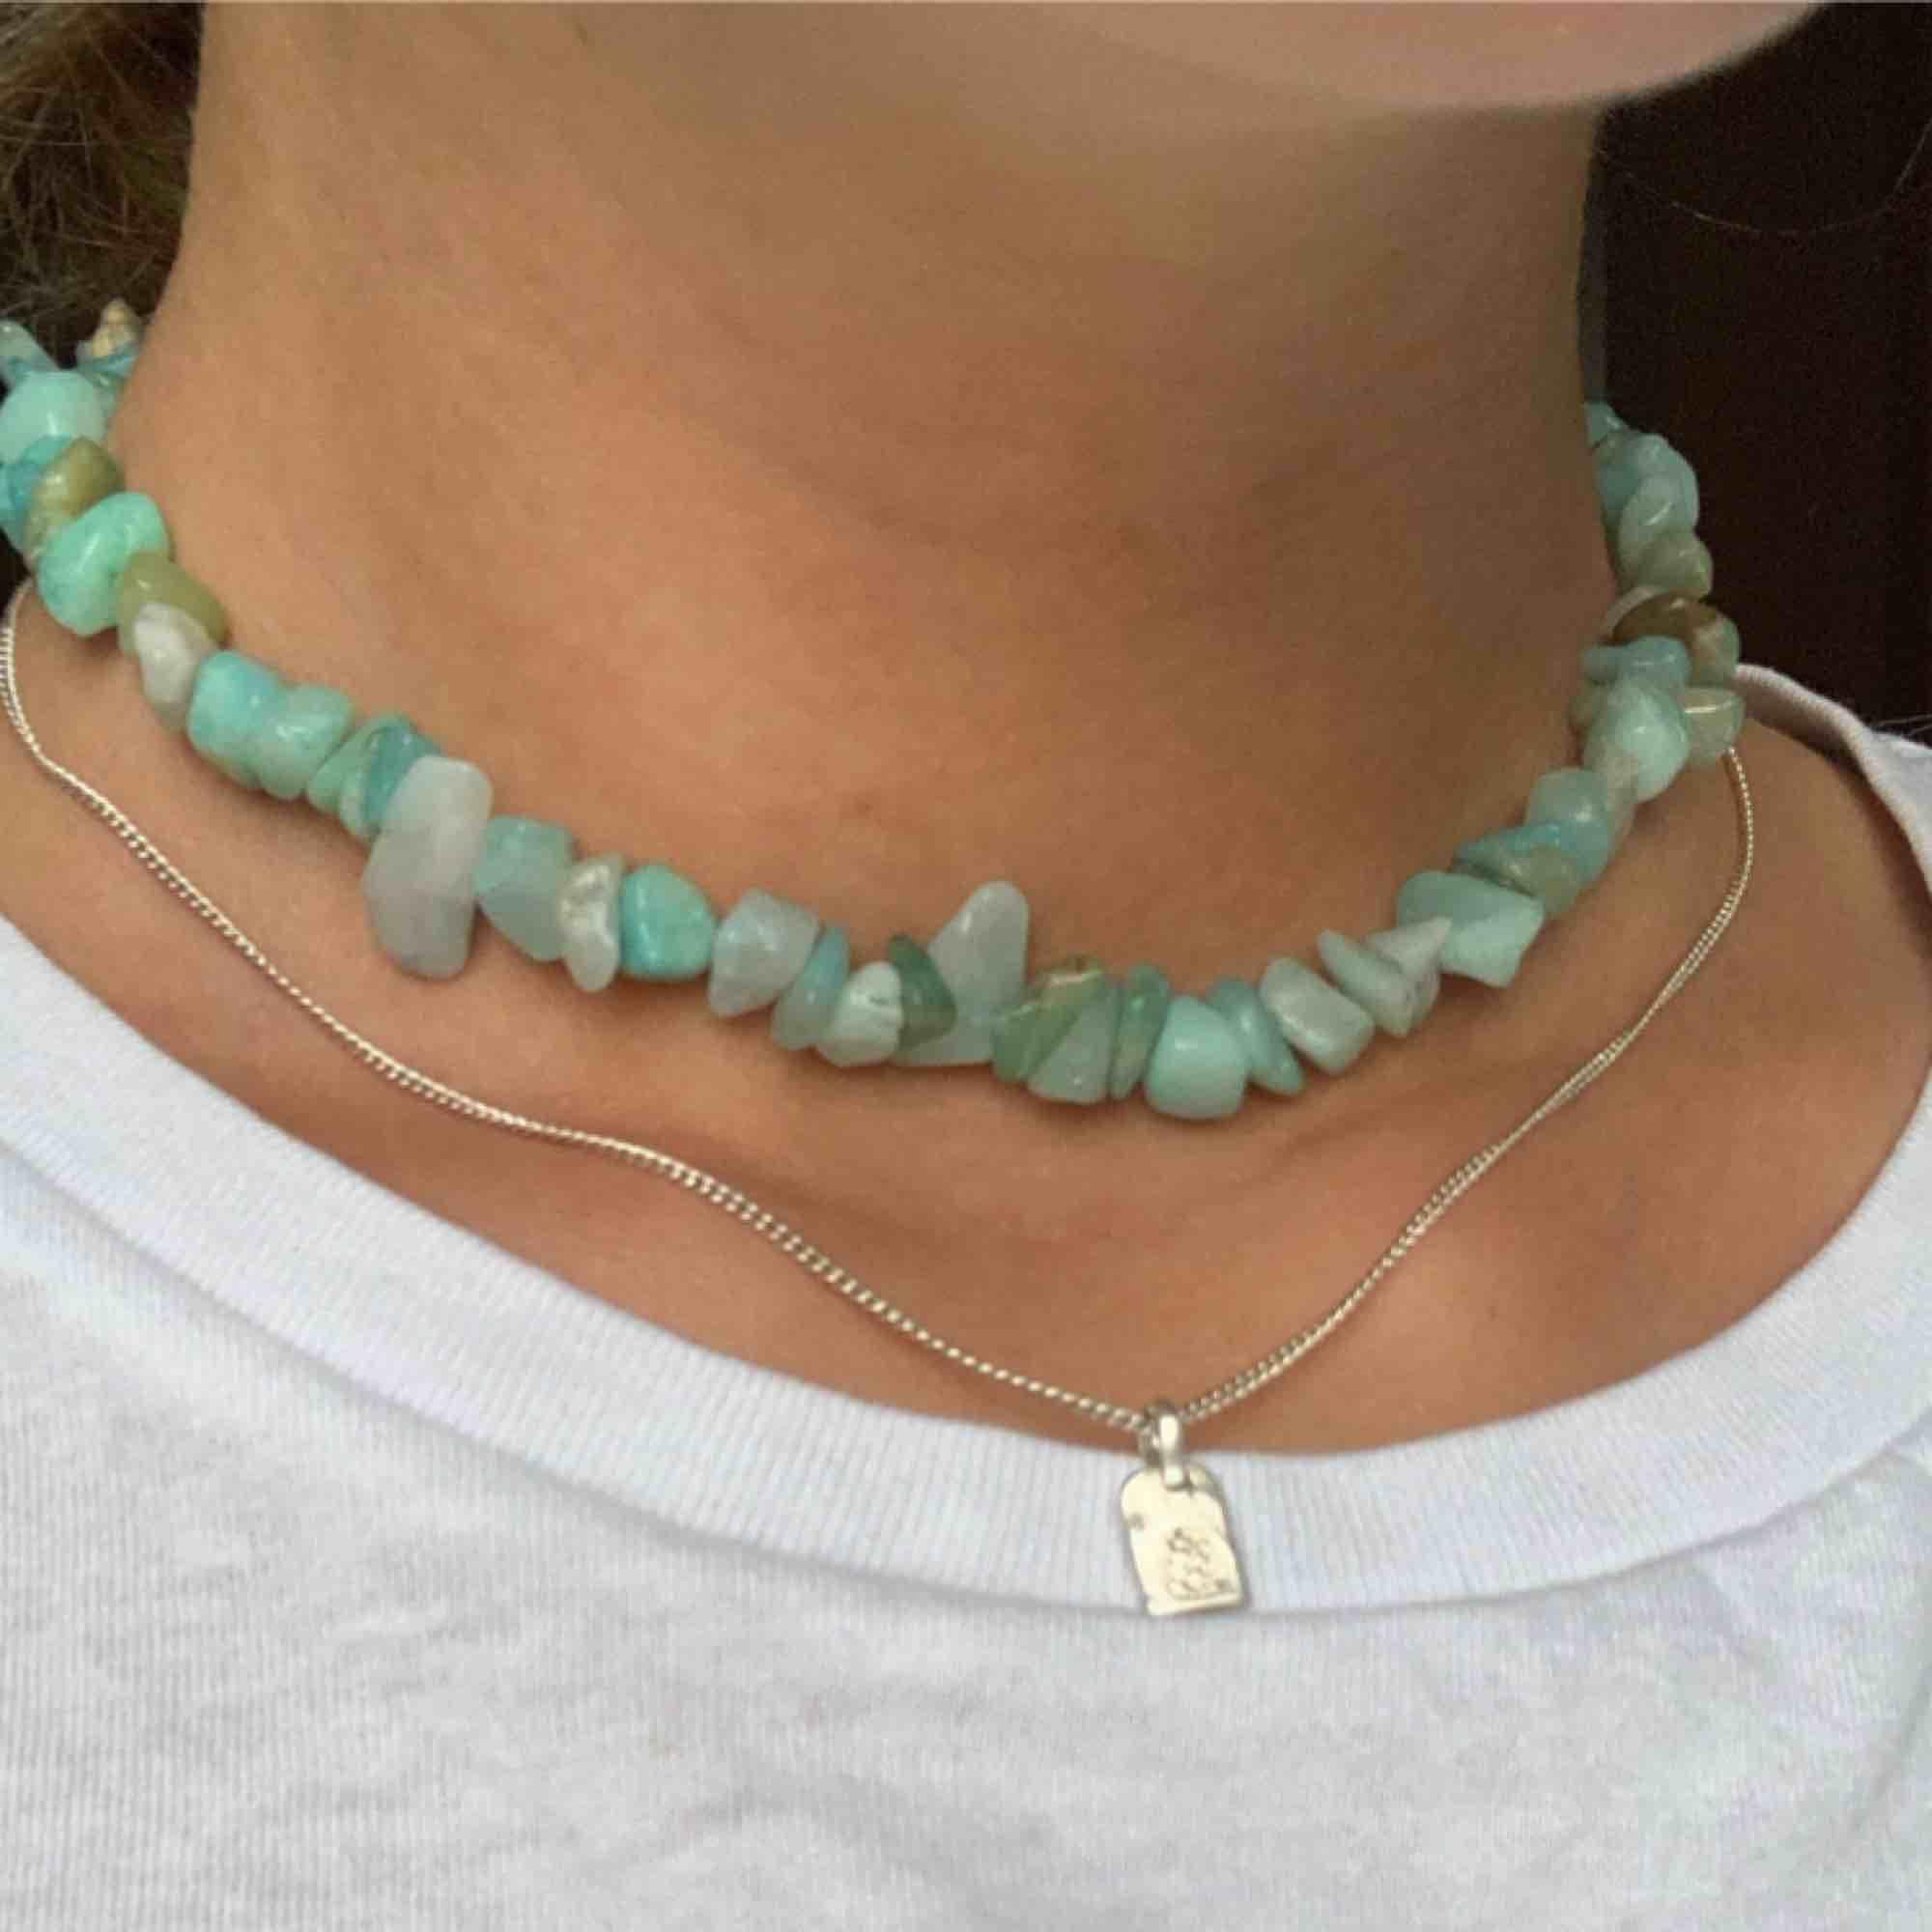 Halsband av amazonit stenar. Elastisk tråd. Frakt 10kr💘 Instagram: @byviolajewelry. Accessoarer.